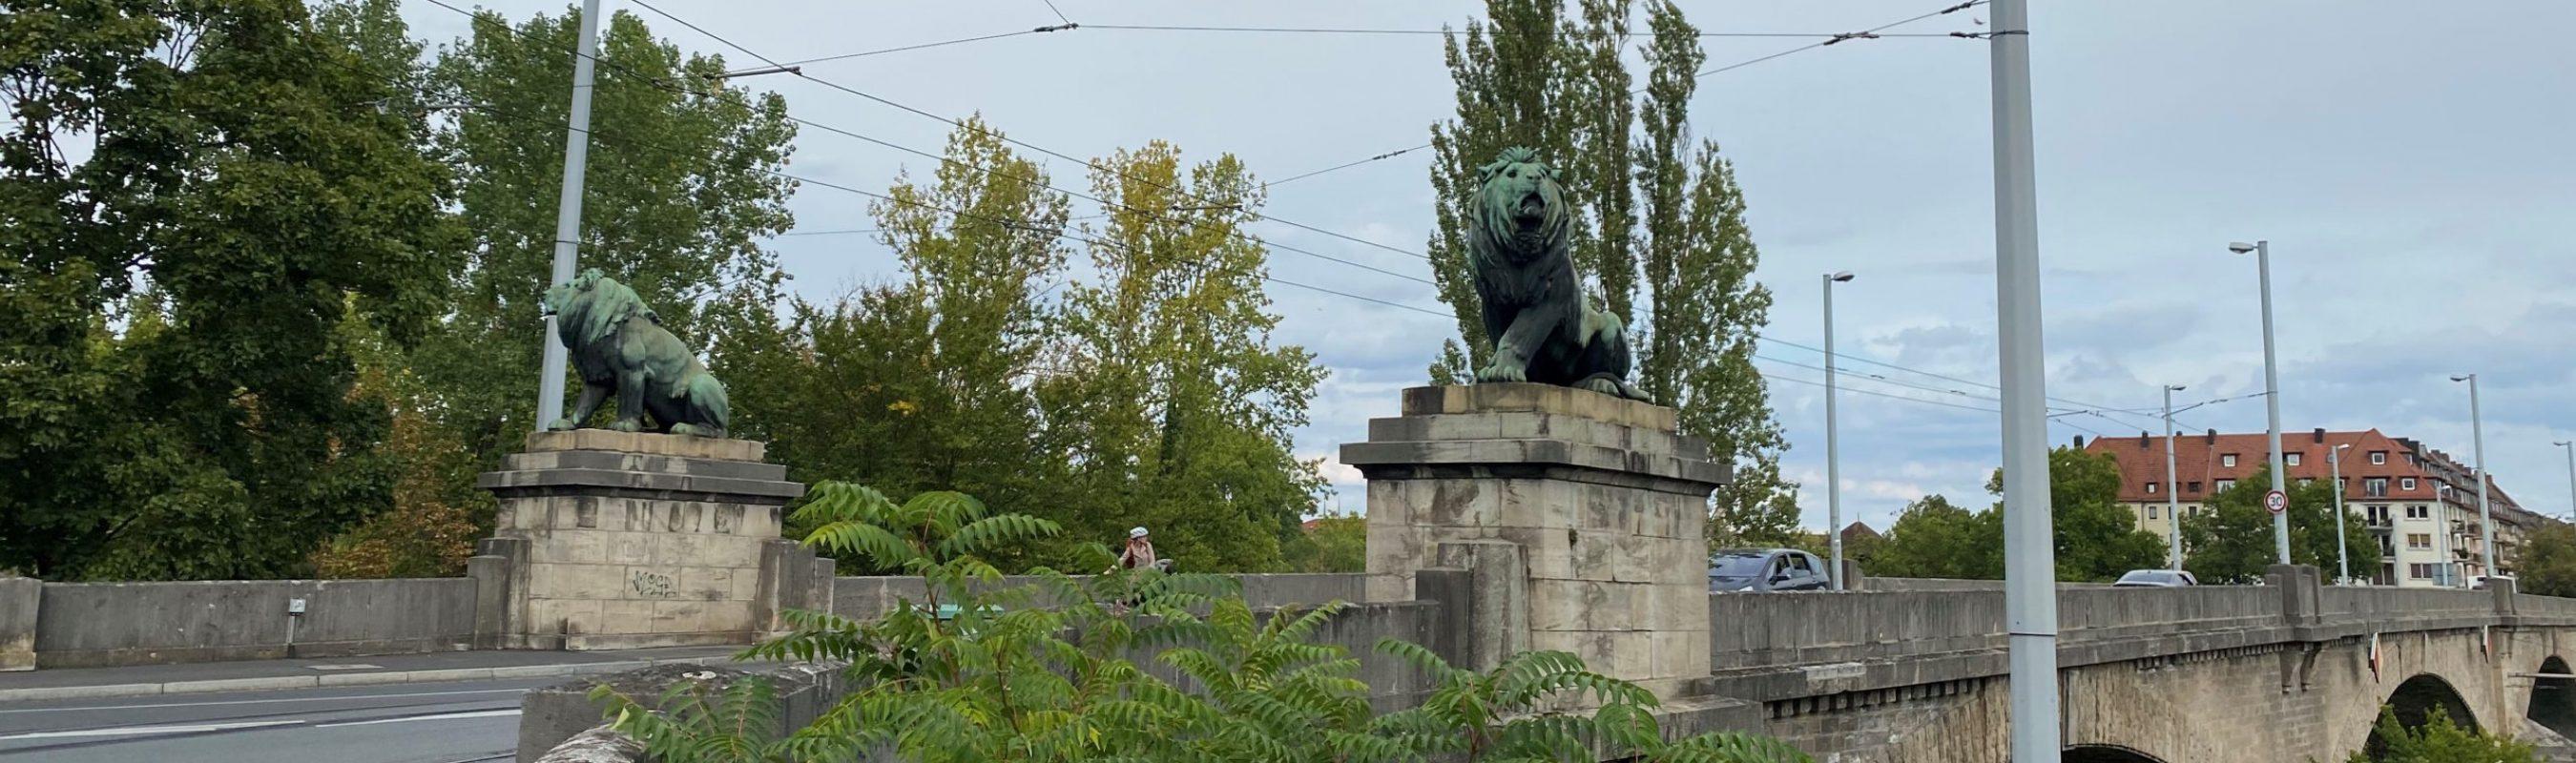 Zwei Löwen auf der Löwenbrücke